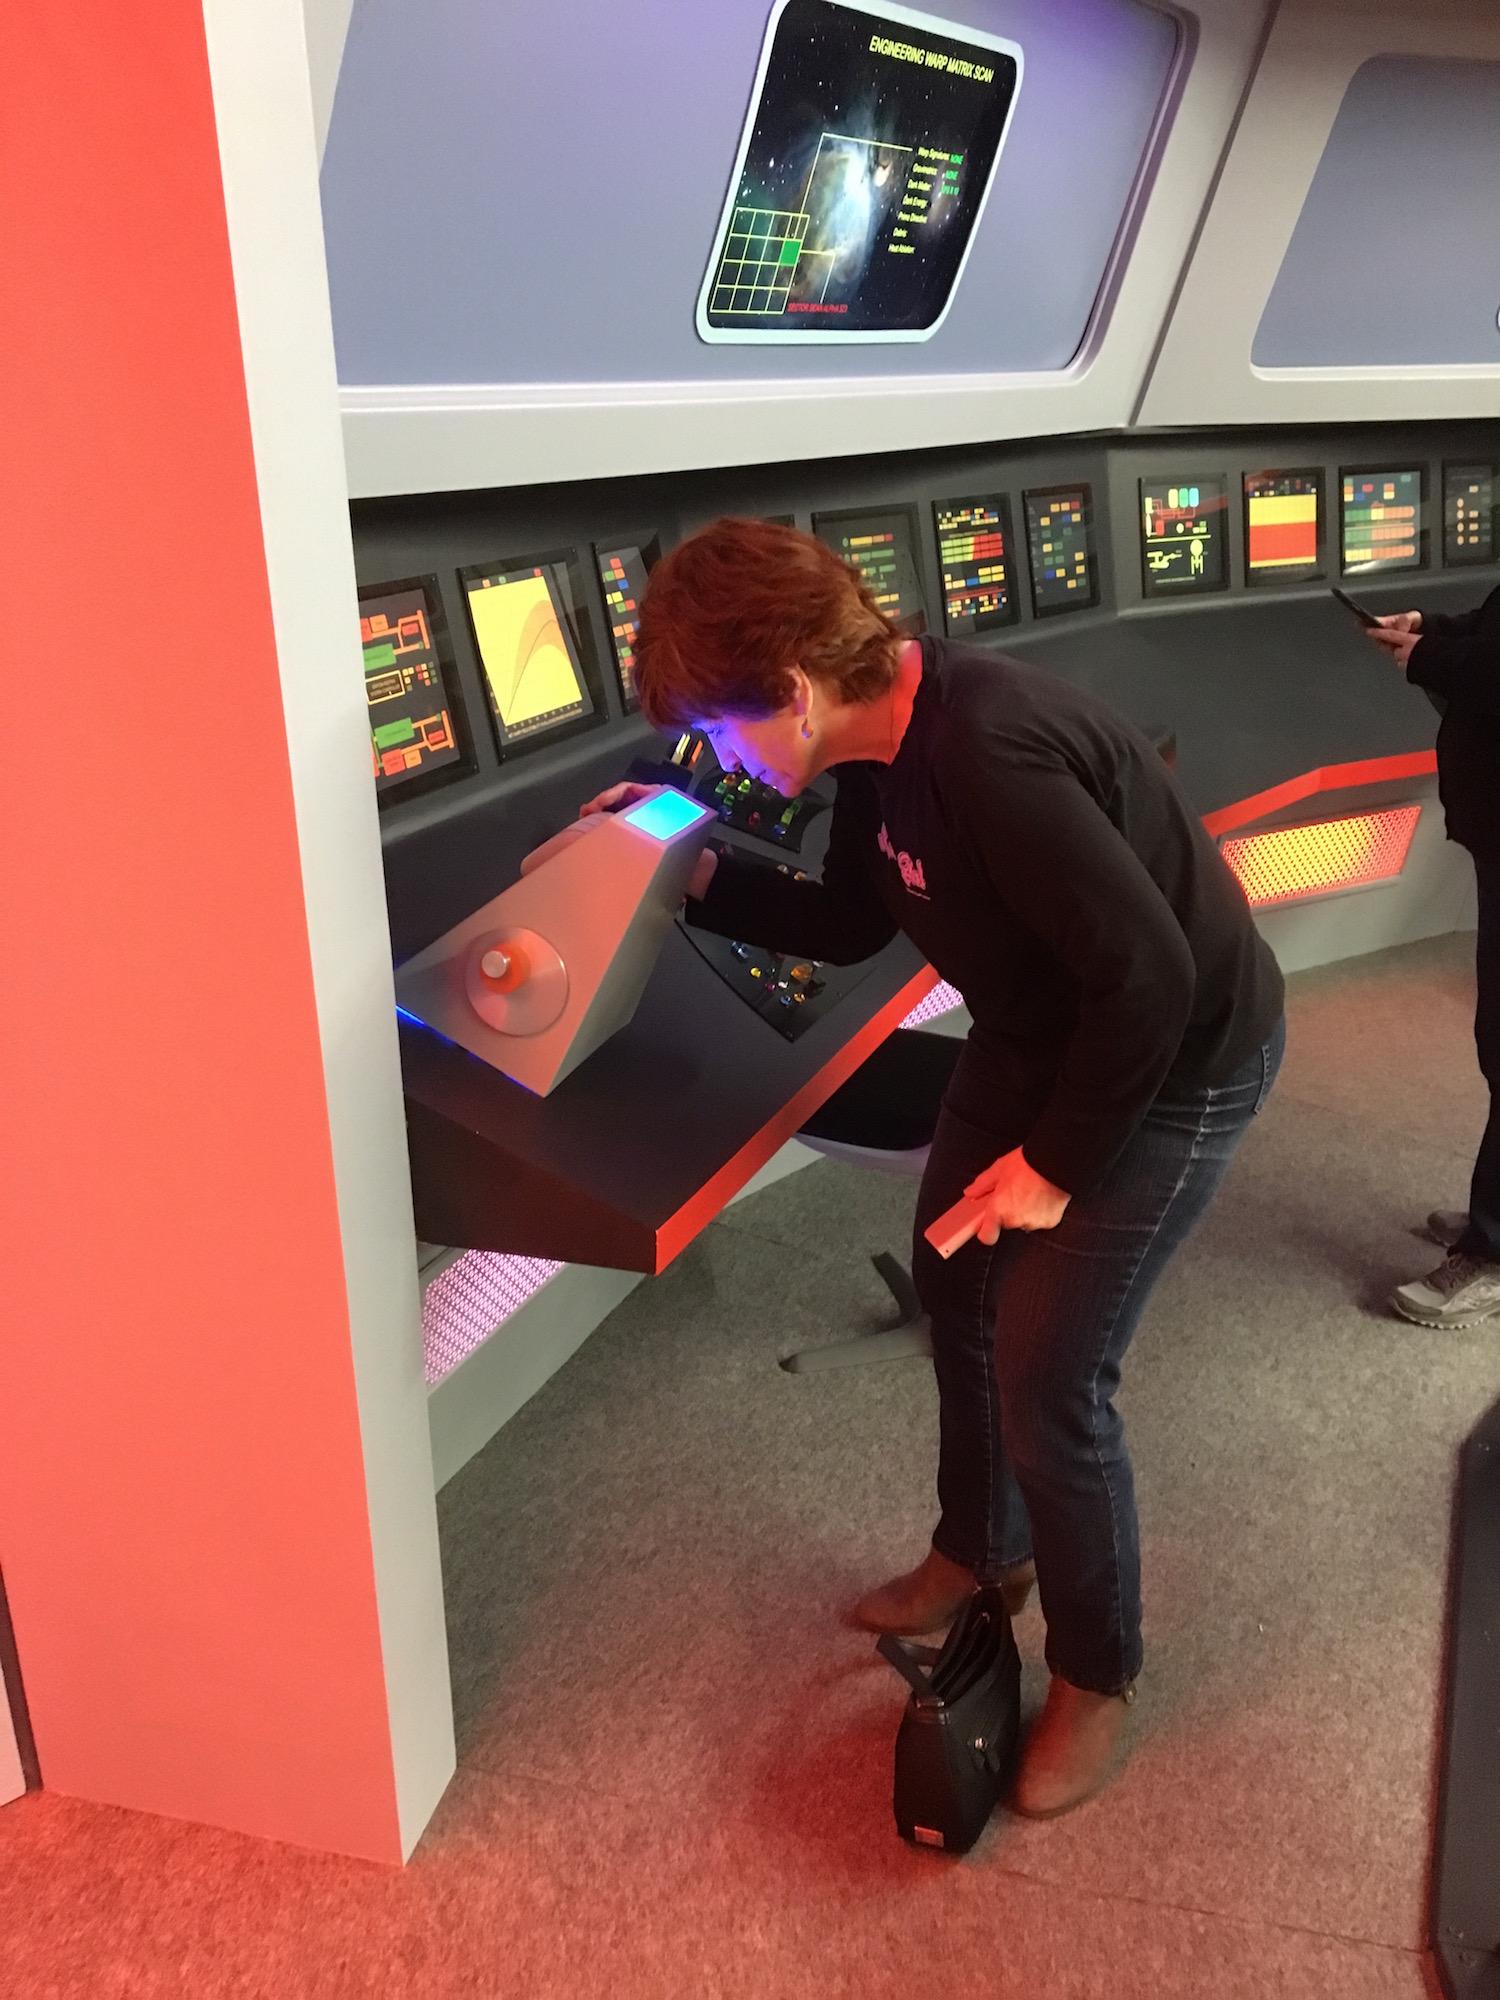 Karen Ragan-George at the Sciences Station Scanner ©2017 David R. George III